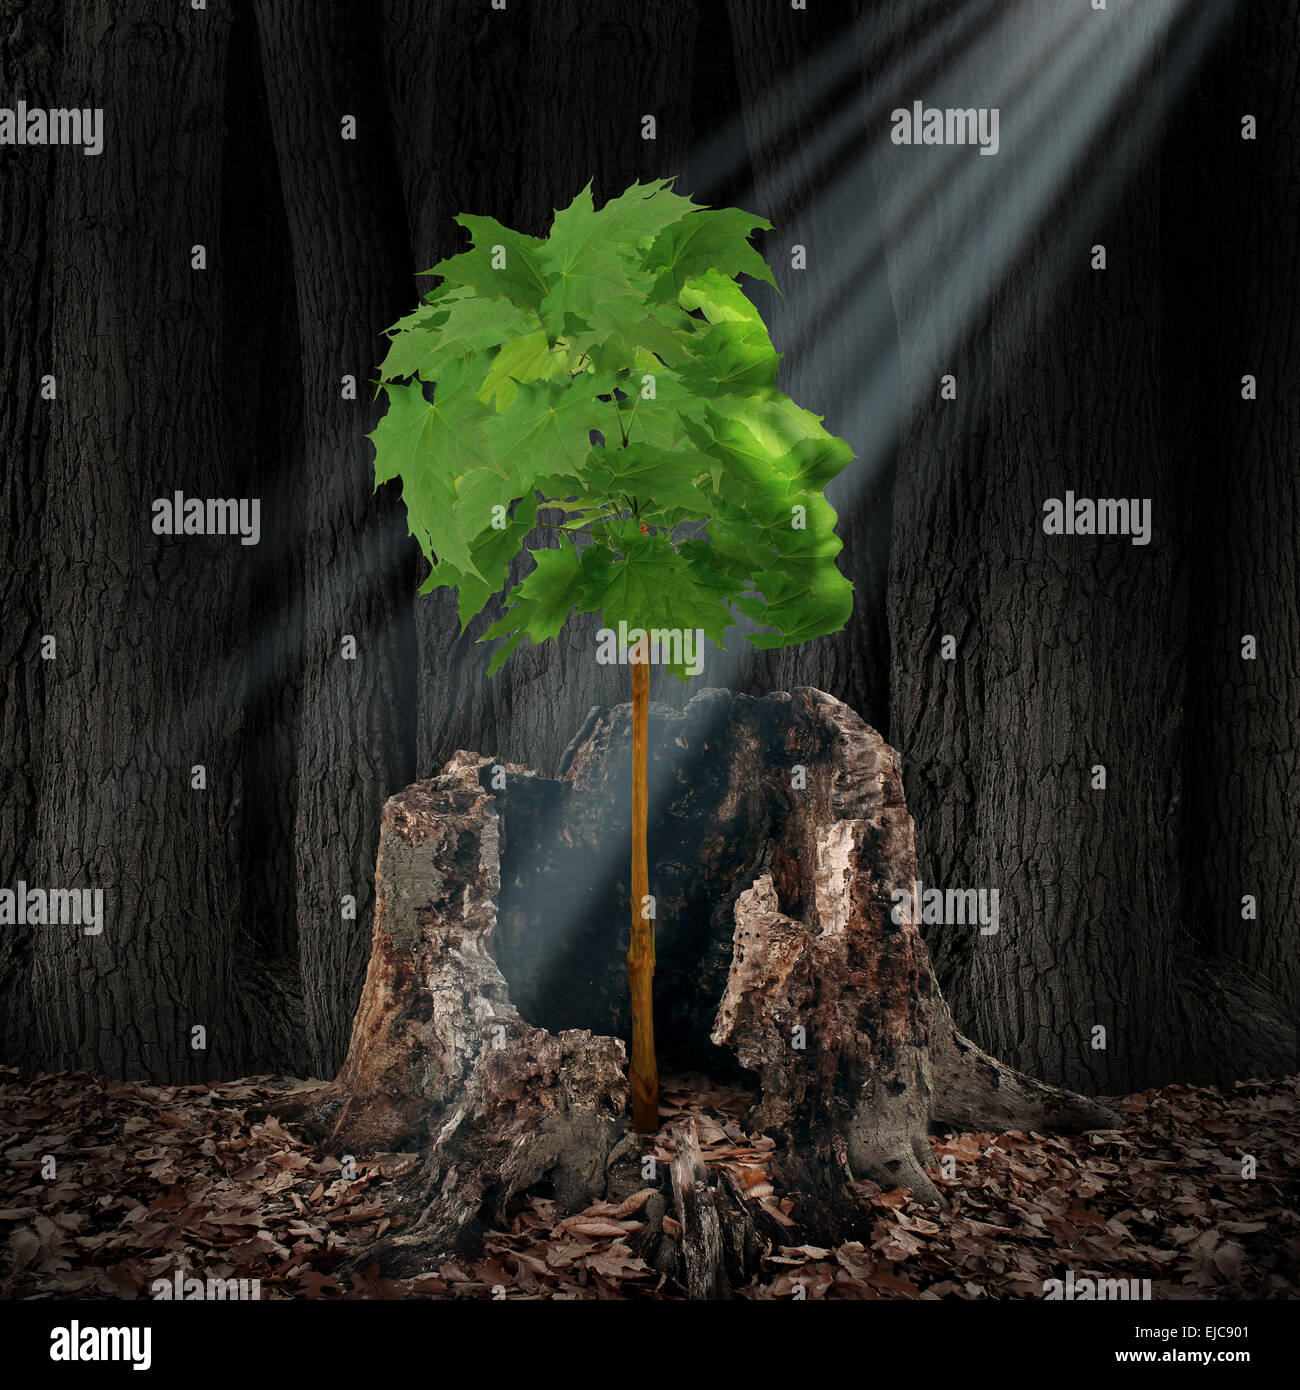 Renouvellement de la vie et de récupération concept comme une feuille verte en forme d'arbre comme une tête humaine, fruit d'une vieille souche morte comme symbole de survie pour la renaissance et de la création d'un nouveau vous après un problème de toxicomanie ou de crise. Banque D'Images